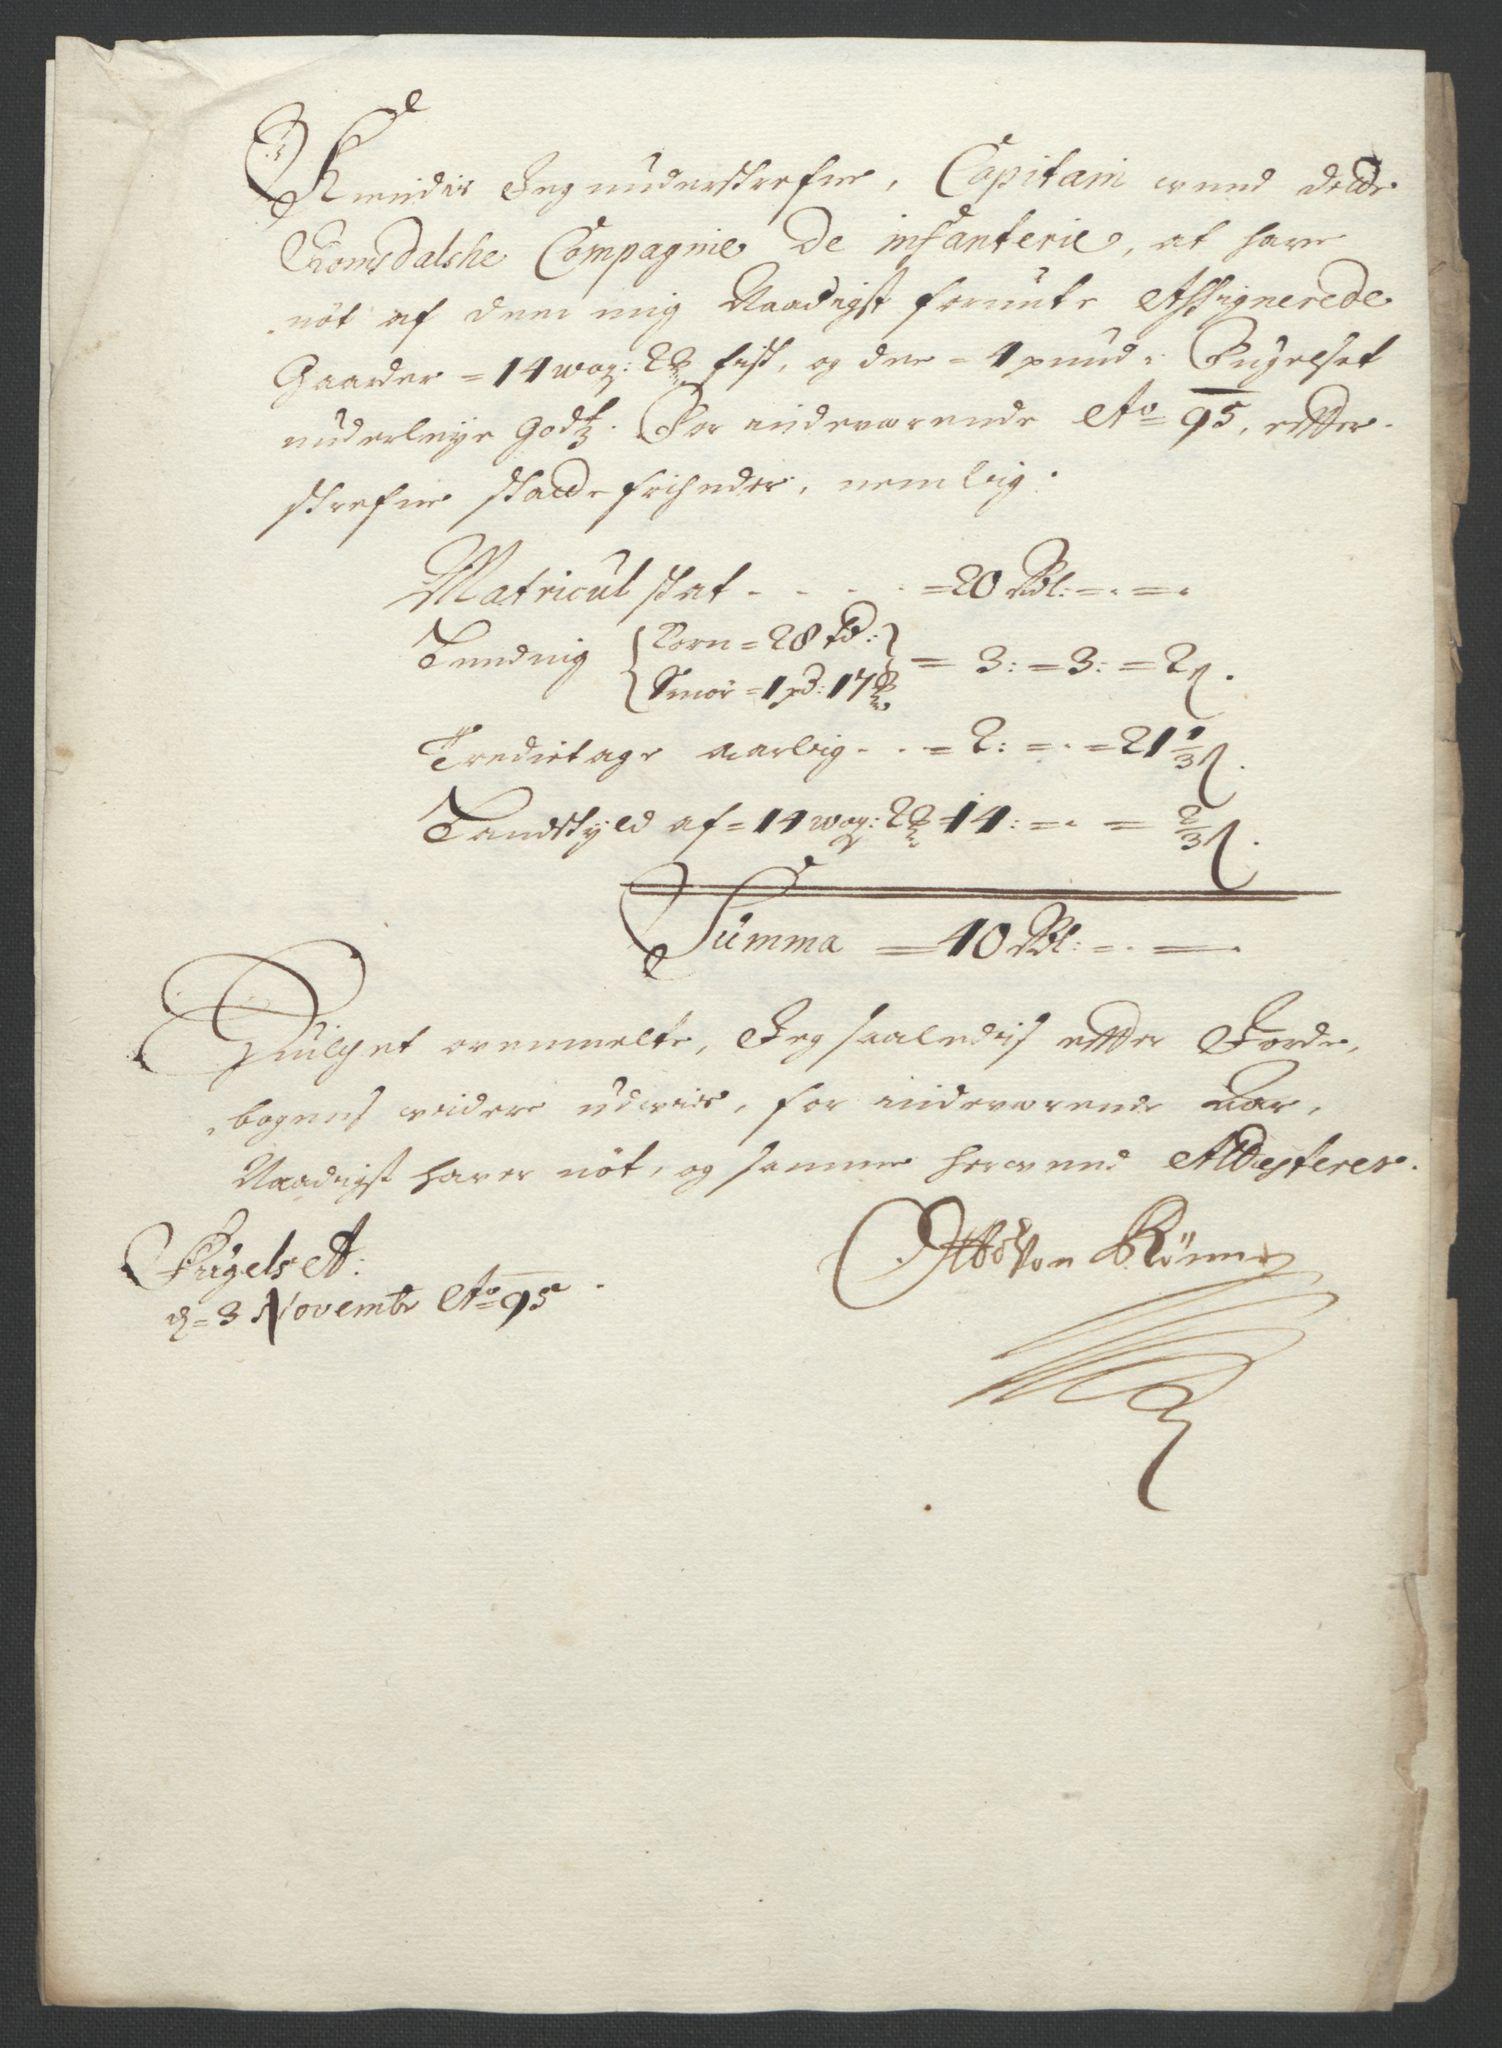 RA, Rentekammeret inntil 1814, Reviderte regnskaper, Fogderegnskap, R55/L3652: Fogderegnskap Romsdal, 1695-1696, s. 135